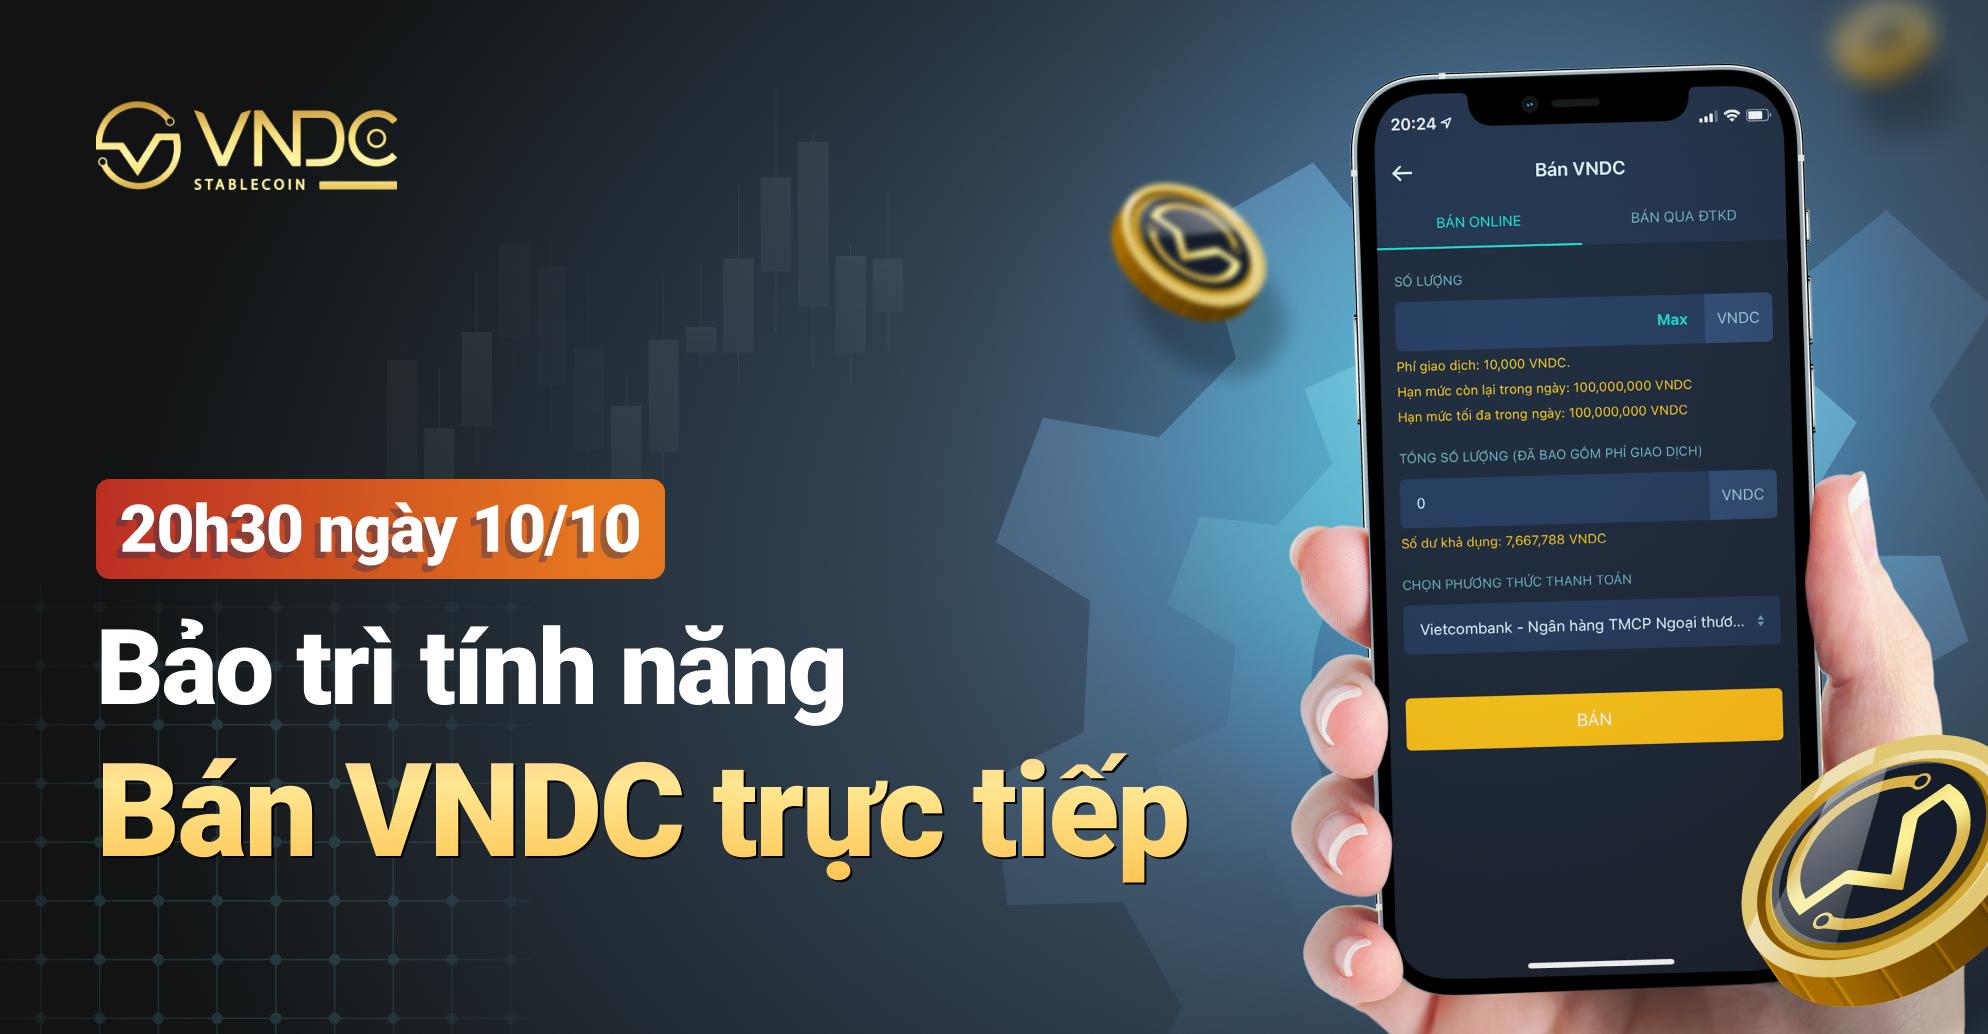 Bảo trì tính năng bán VNDC trực tiếp từ 20h30 ngày 10/10